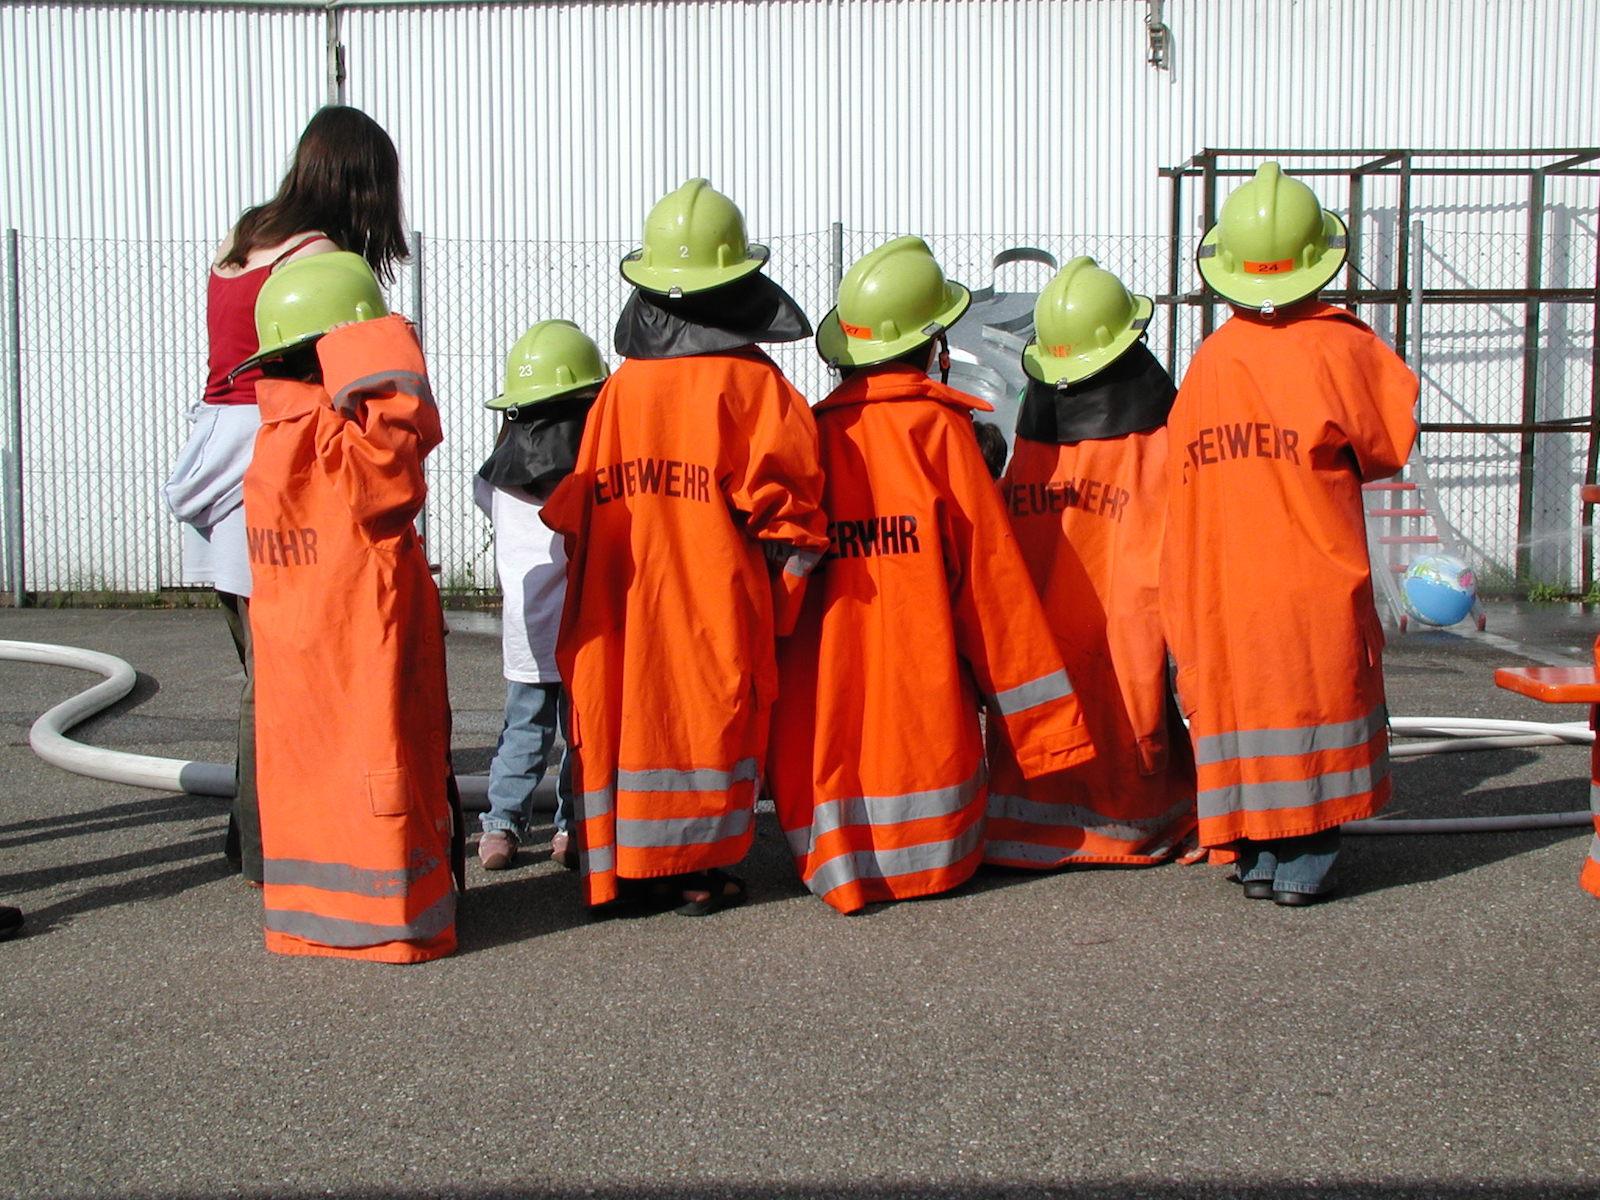 Allgemein: Feuerwehr Jestetten innen Kinder Feuerwehrkleidung